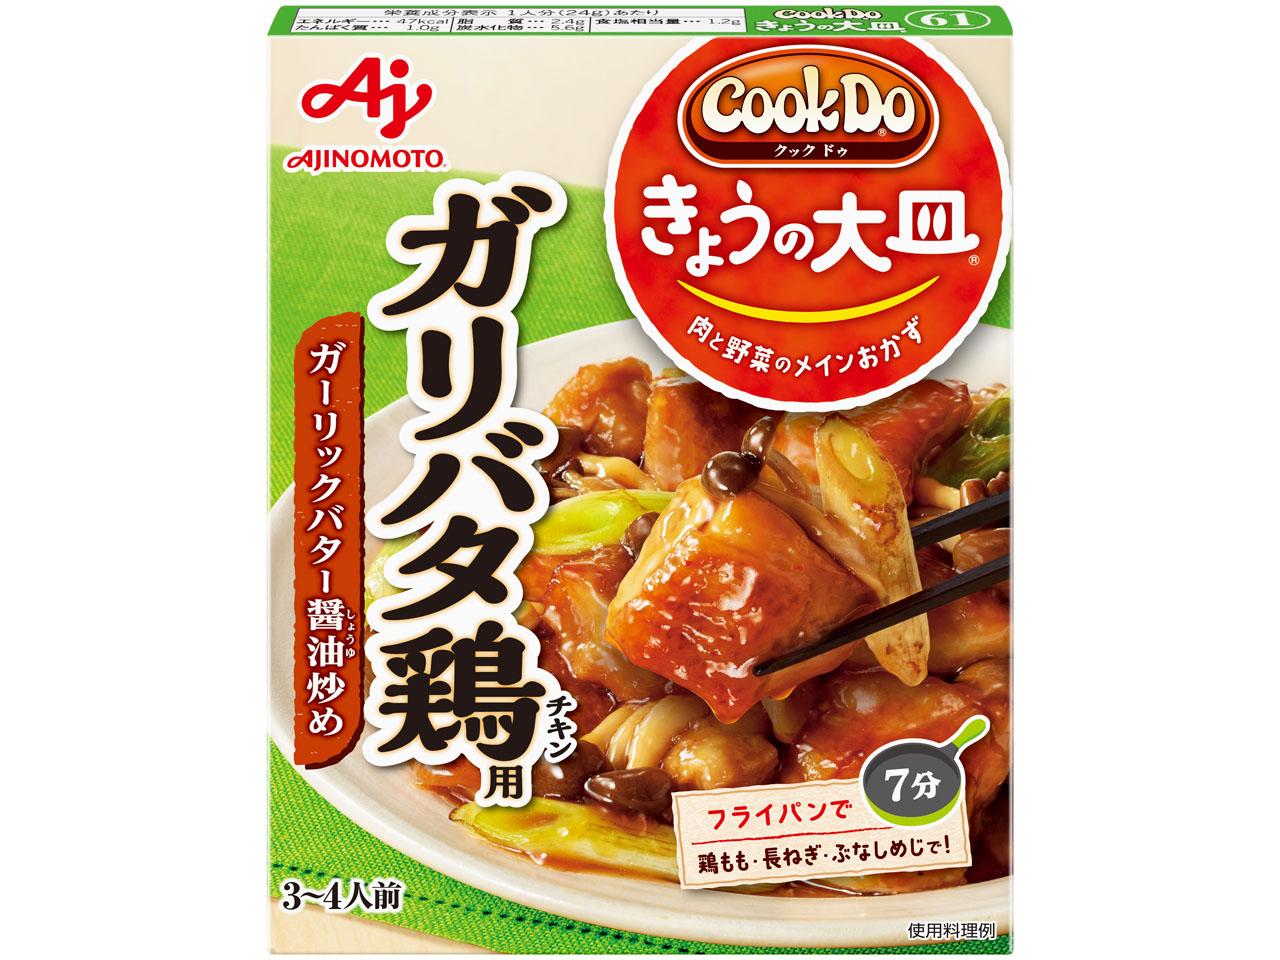 「Cook Doきょうの大皿」ガリバタ鶏用